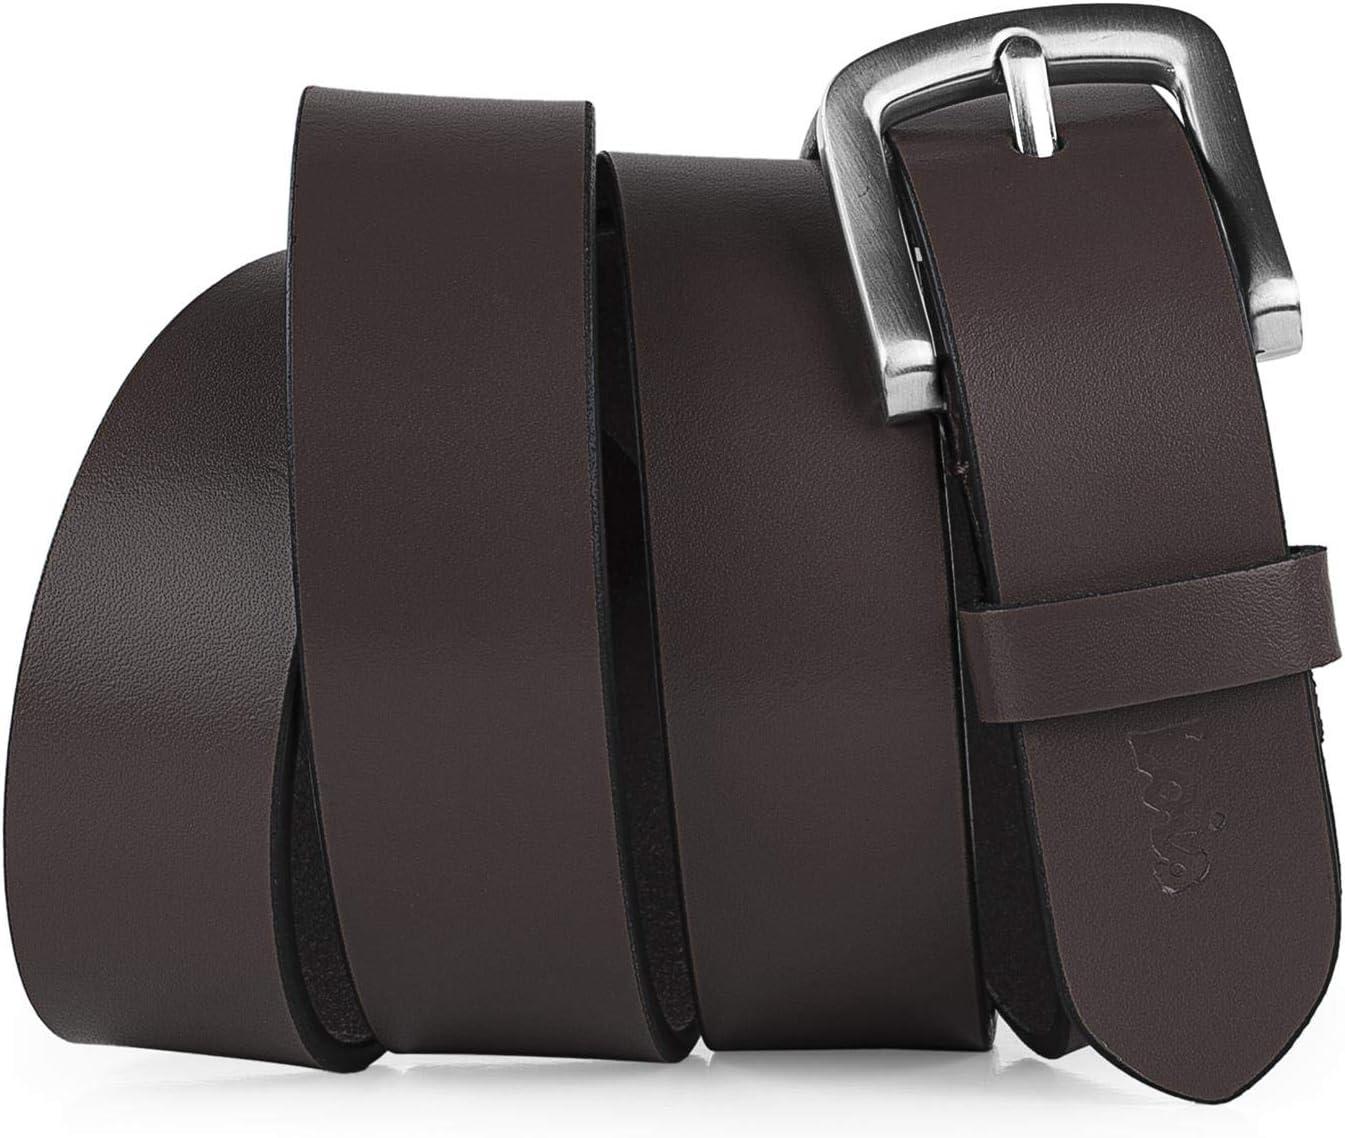 Lois - Cinturón de Cuero Piel Genuina con Hebilla Metálica. Resistente Flexible y Duradero. Caja para Regalo Original. Calidad y Diseño Exclusivo. Ancho 30 mm 49807, Color Marron